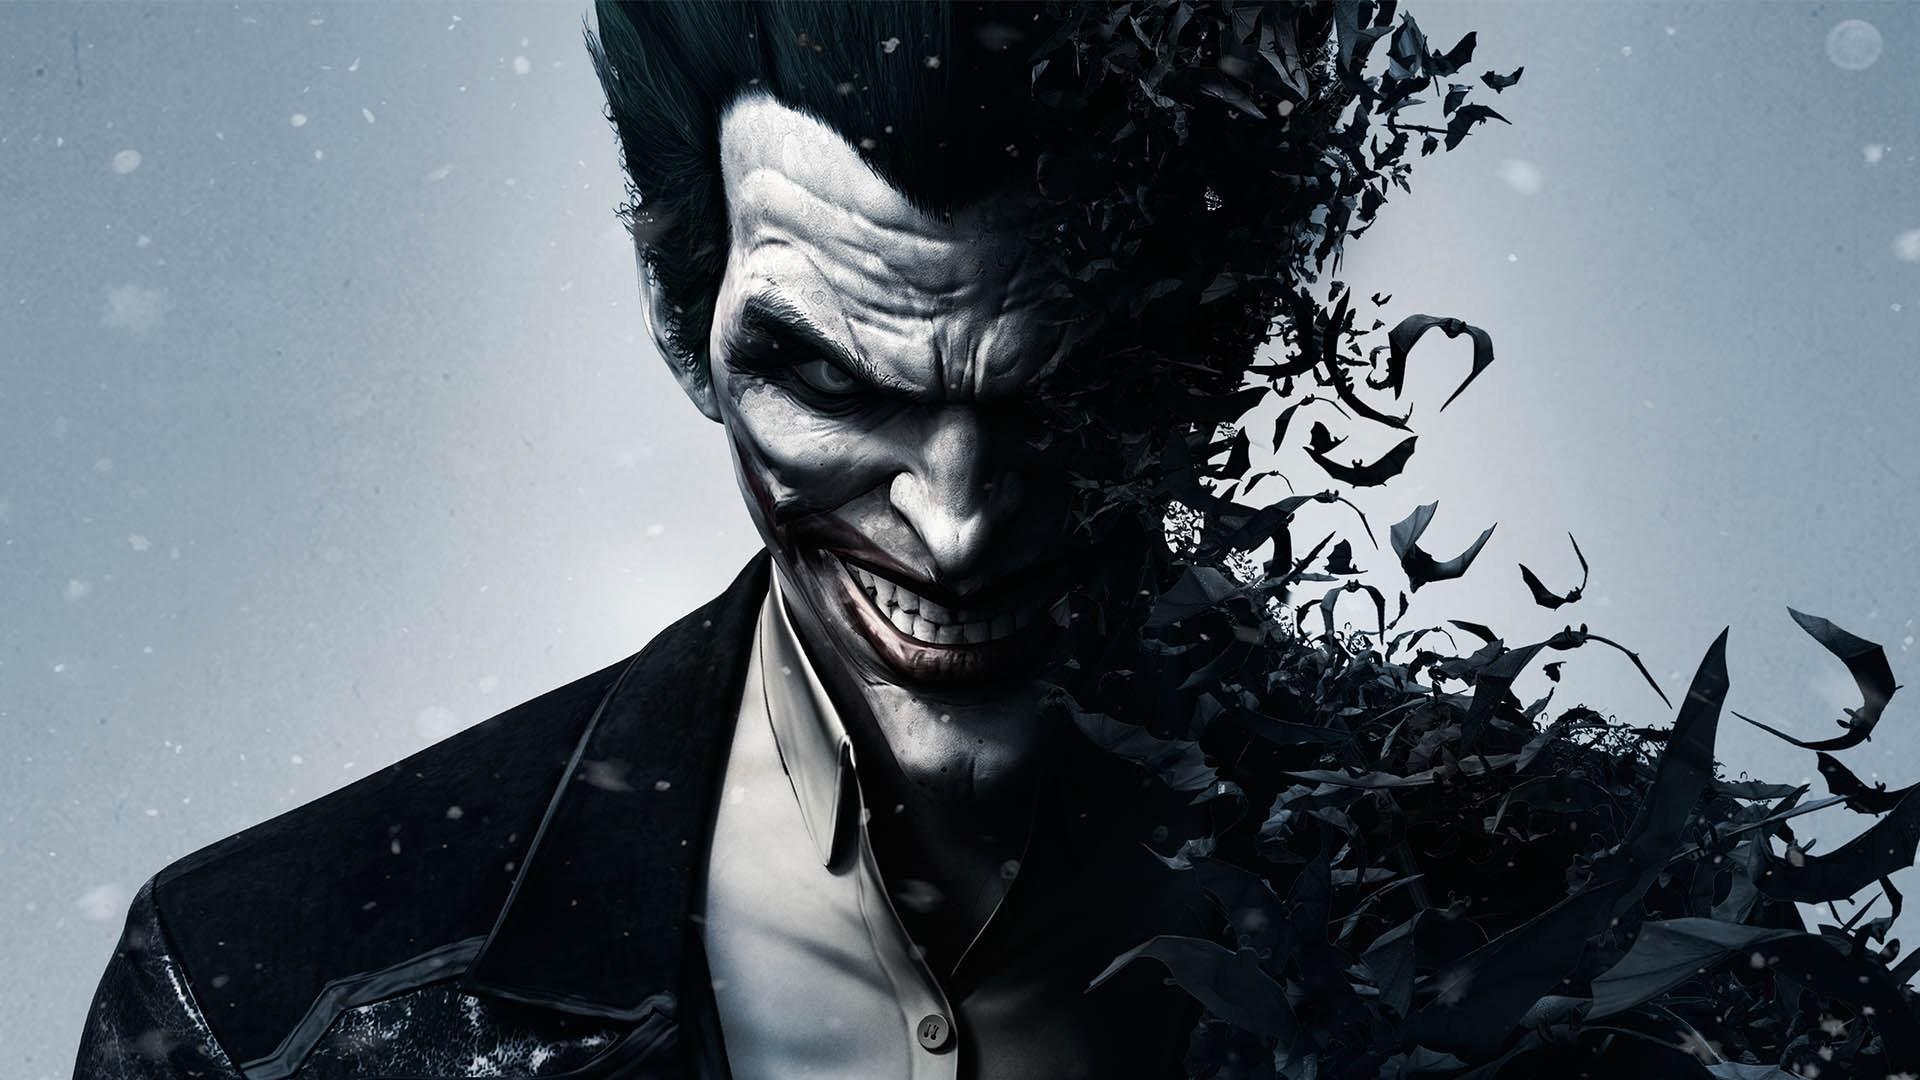 1920x1080 Px DC Comics Joker